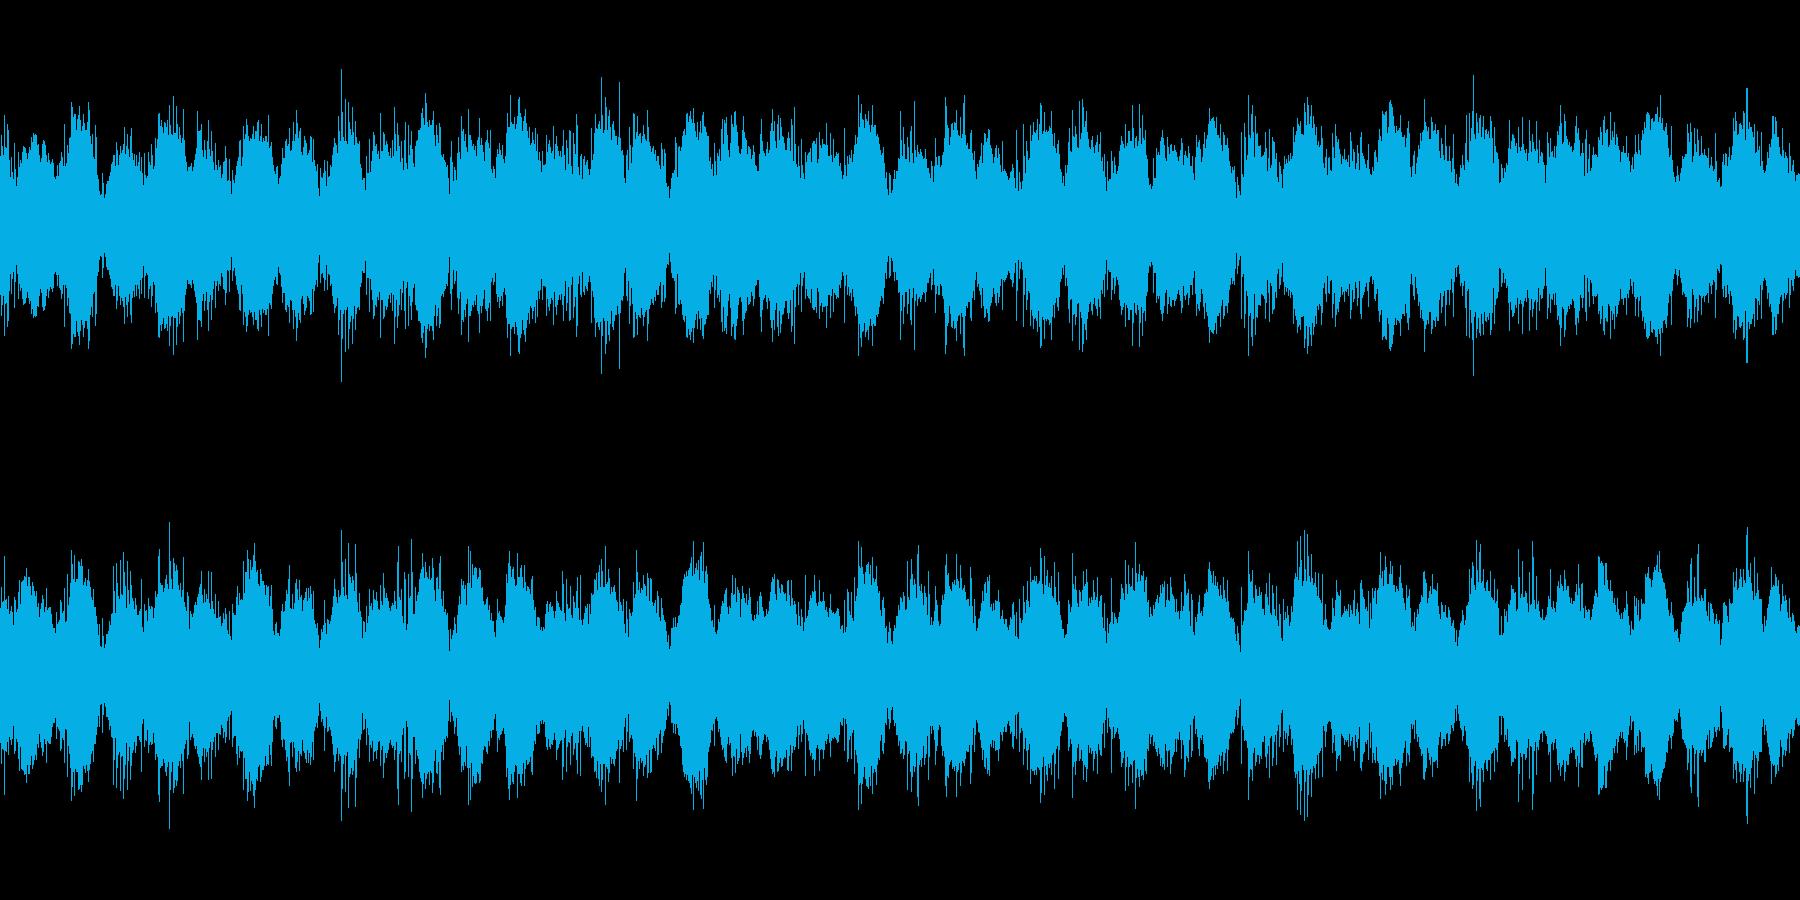 不気味なアンビエント系のBGMの再生済みの波形